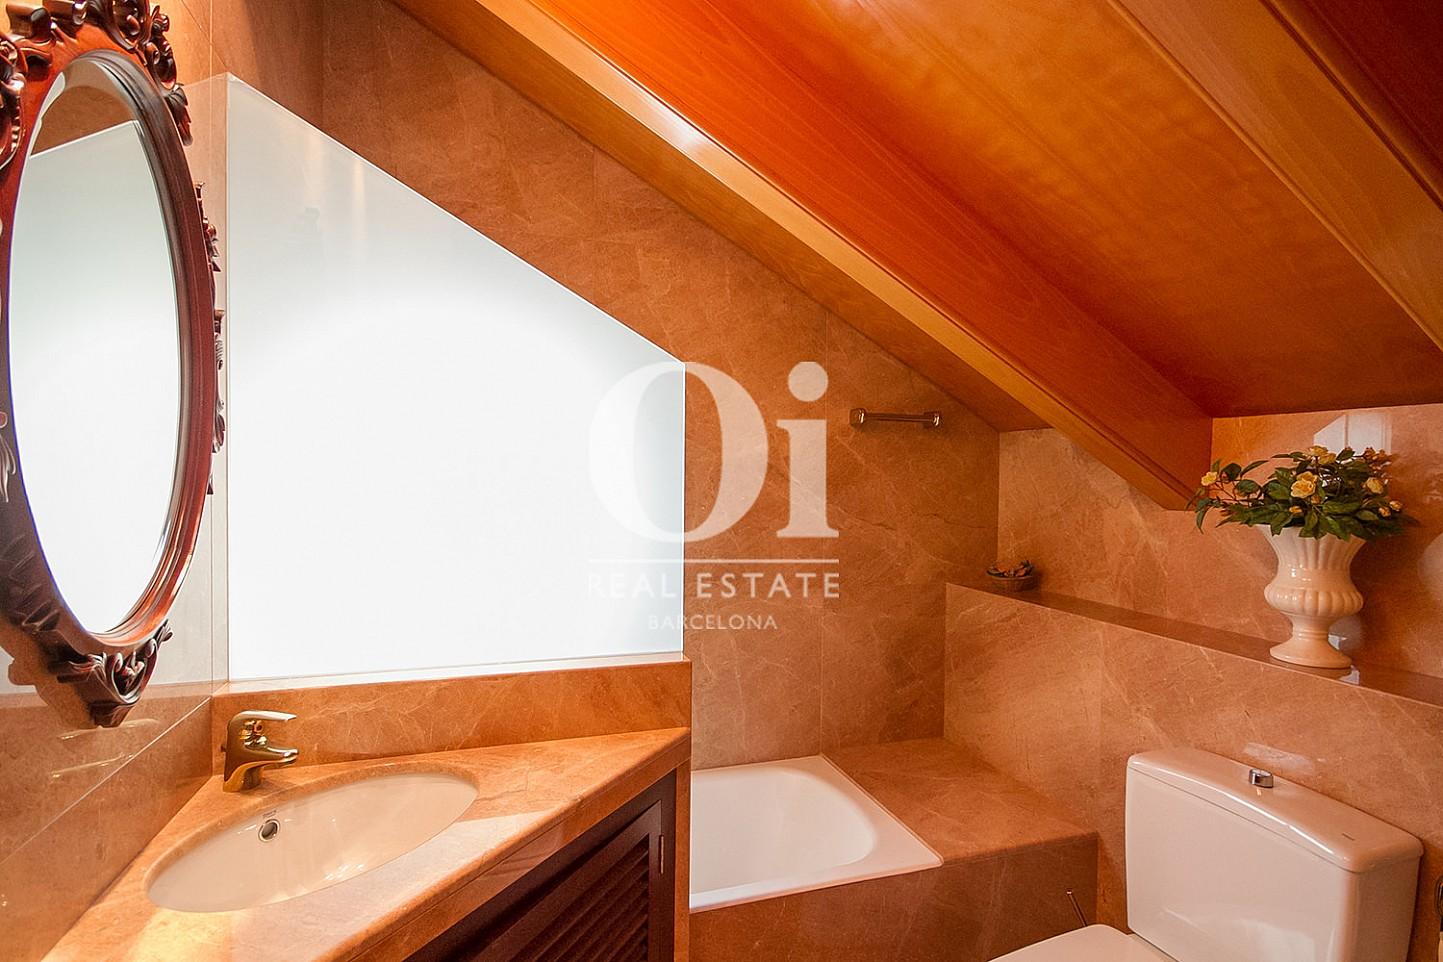 vista de baño en bohardilla en casa en venta en la zona alta de Barcelona